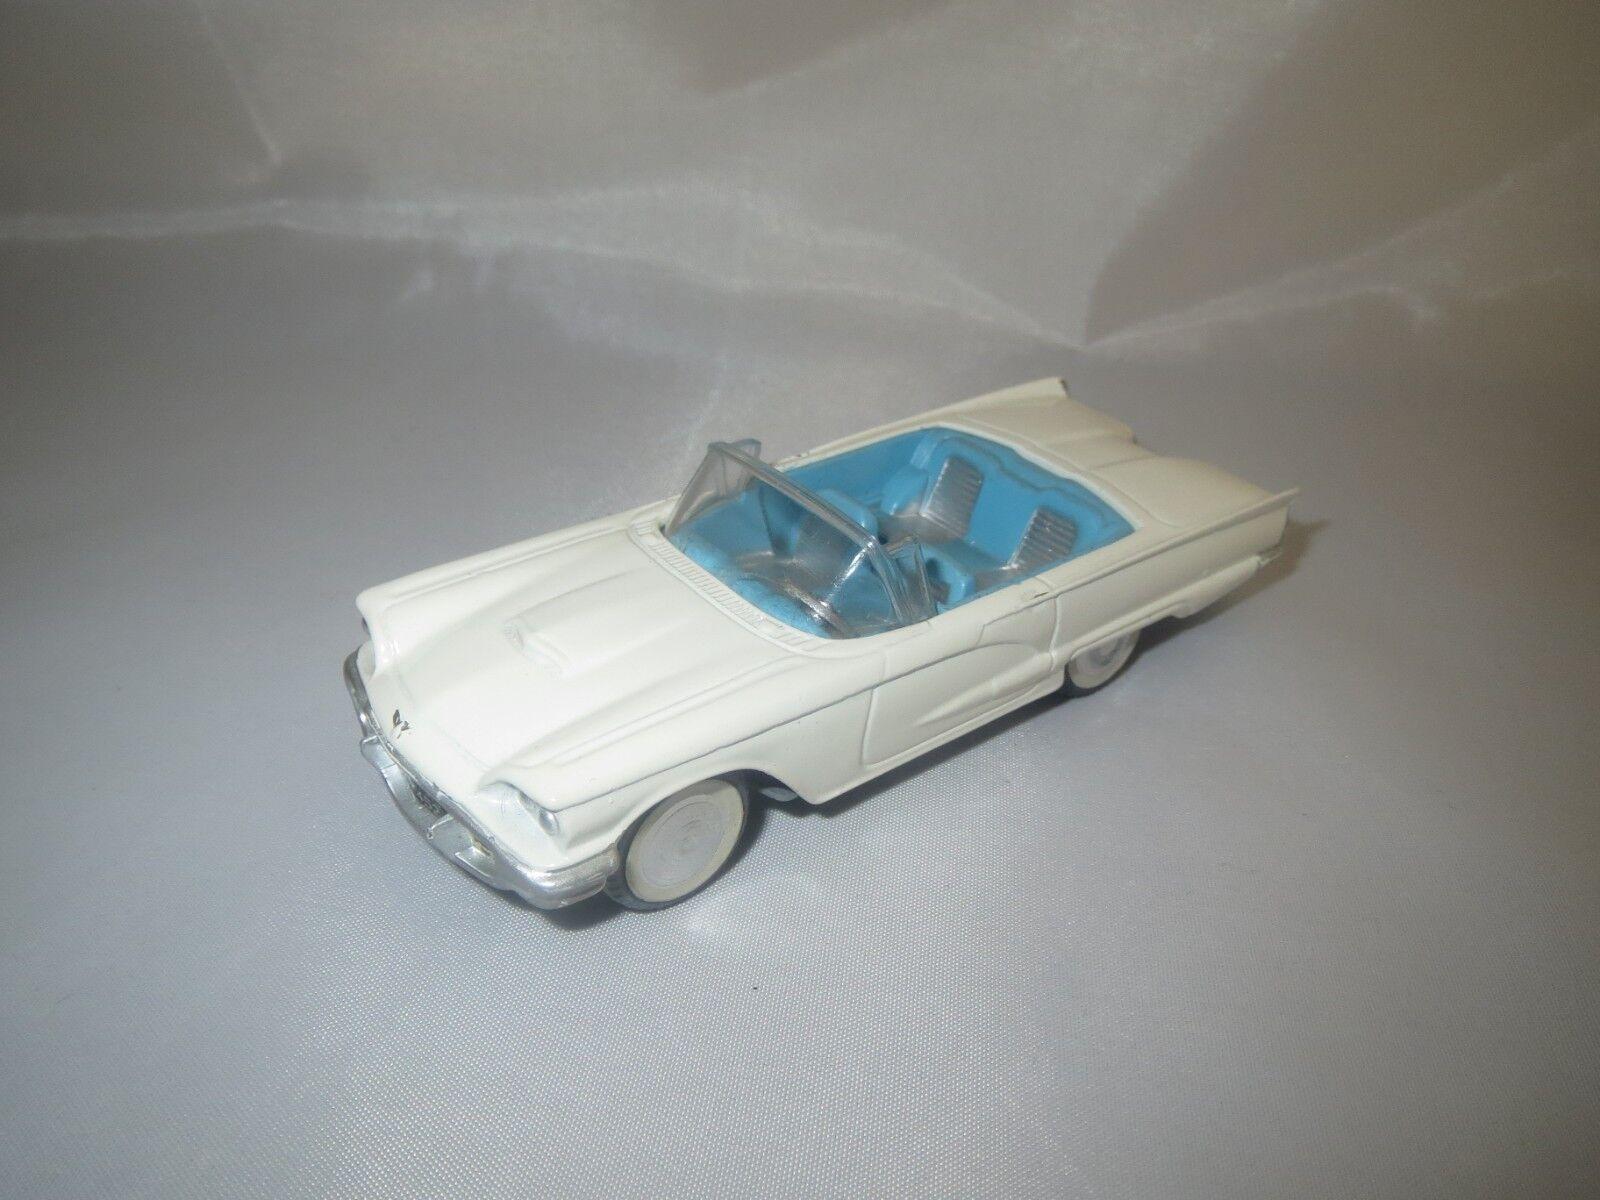 Une nouvelle génération, nouvelle sélection! CORGI TOYS FORD THUNDERBIRD Cabriolet (blanc/bleu clair) sans emballage! | Moderne